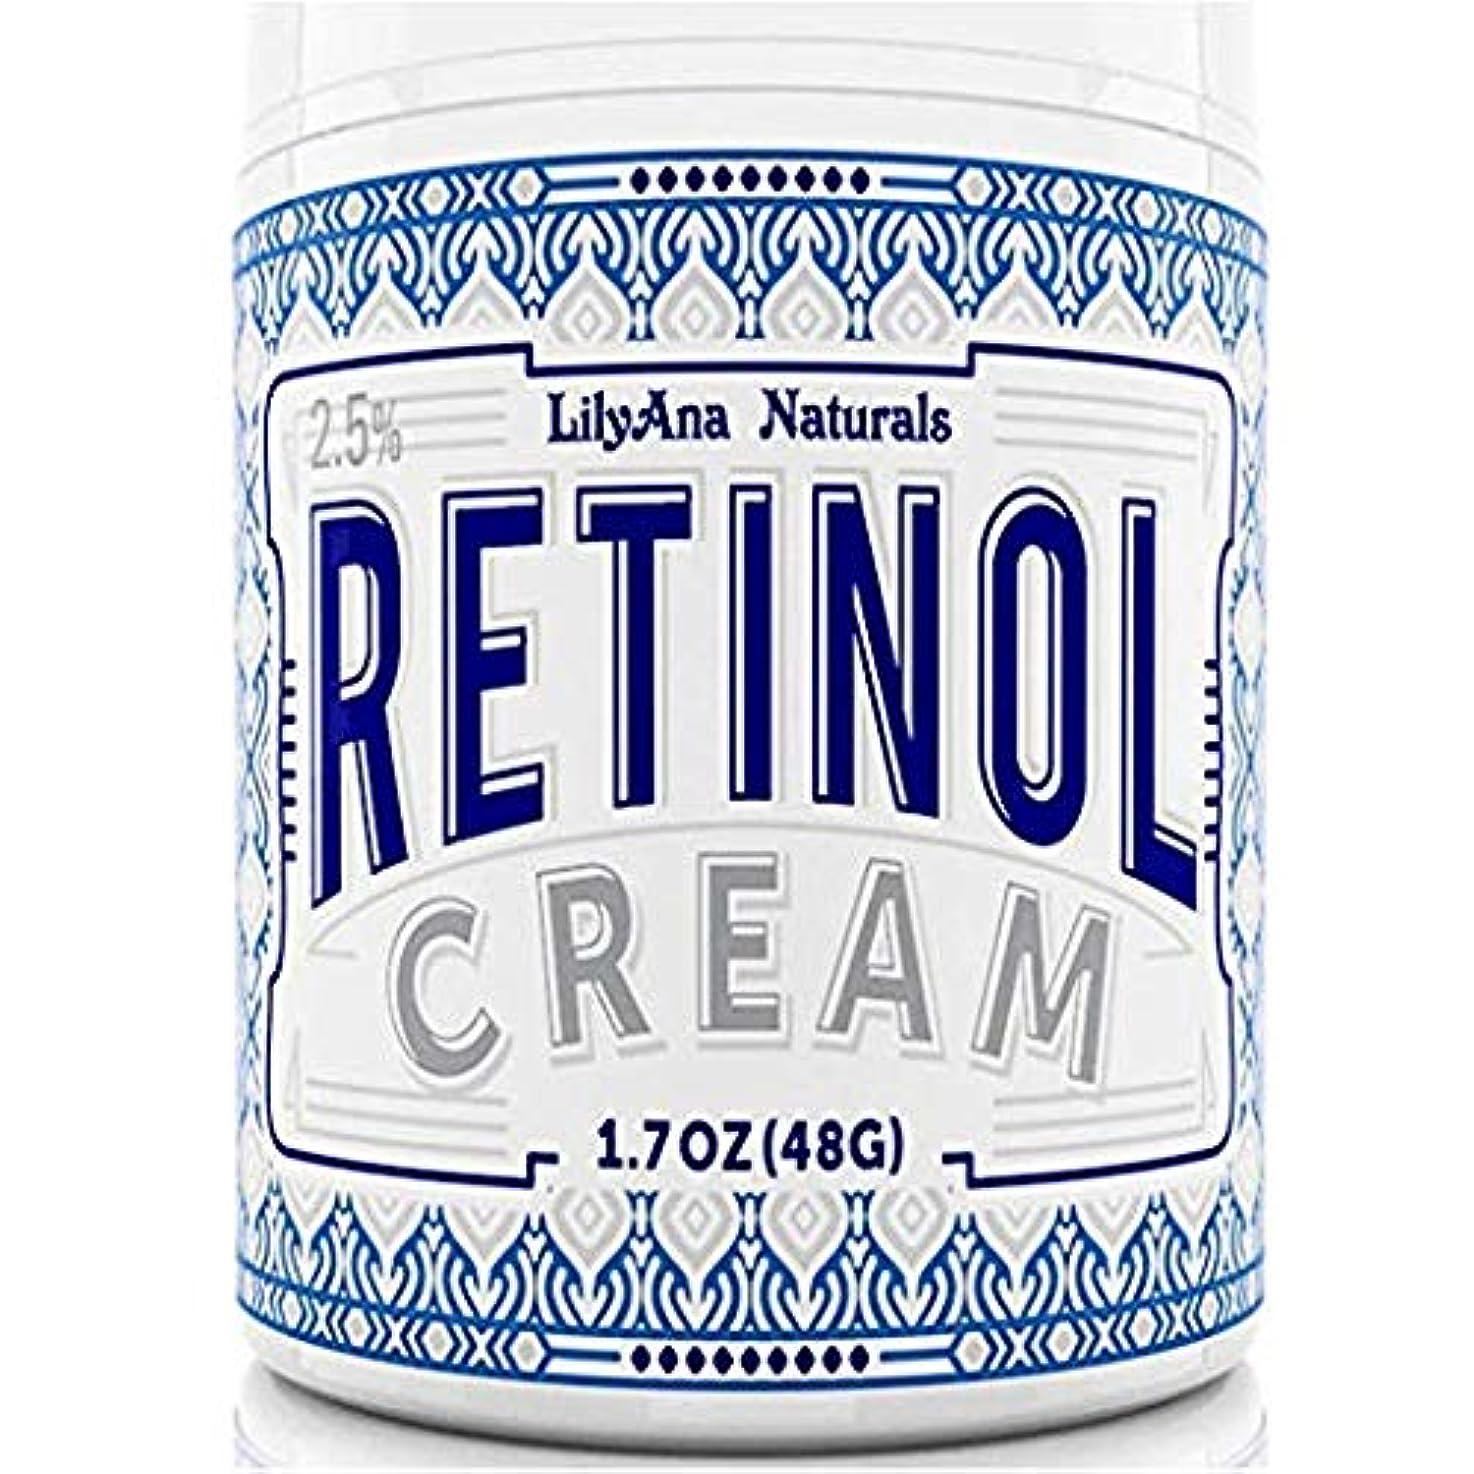 ガロンアトムマイクロフォンLilyAna 社 の レチノール モイスチャー クリーム LilyAna Naturals Retinol Cream Moisturizer 1.7 Oz